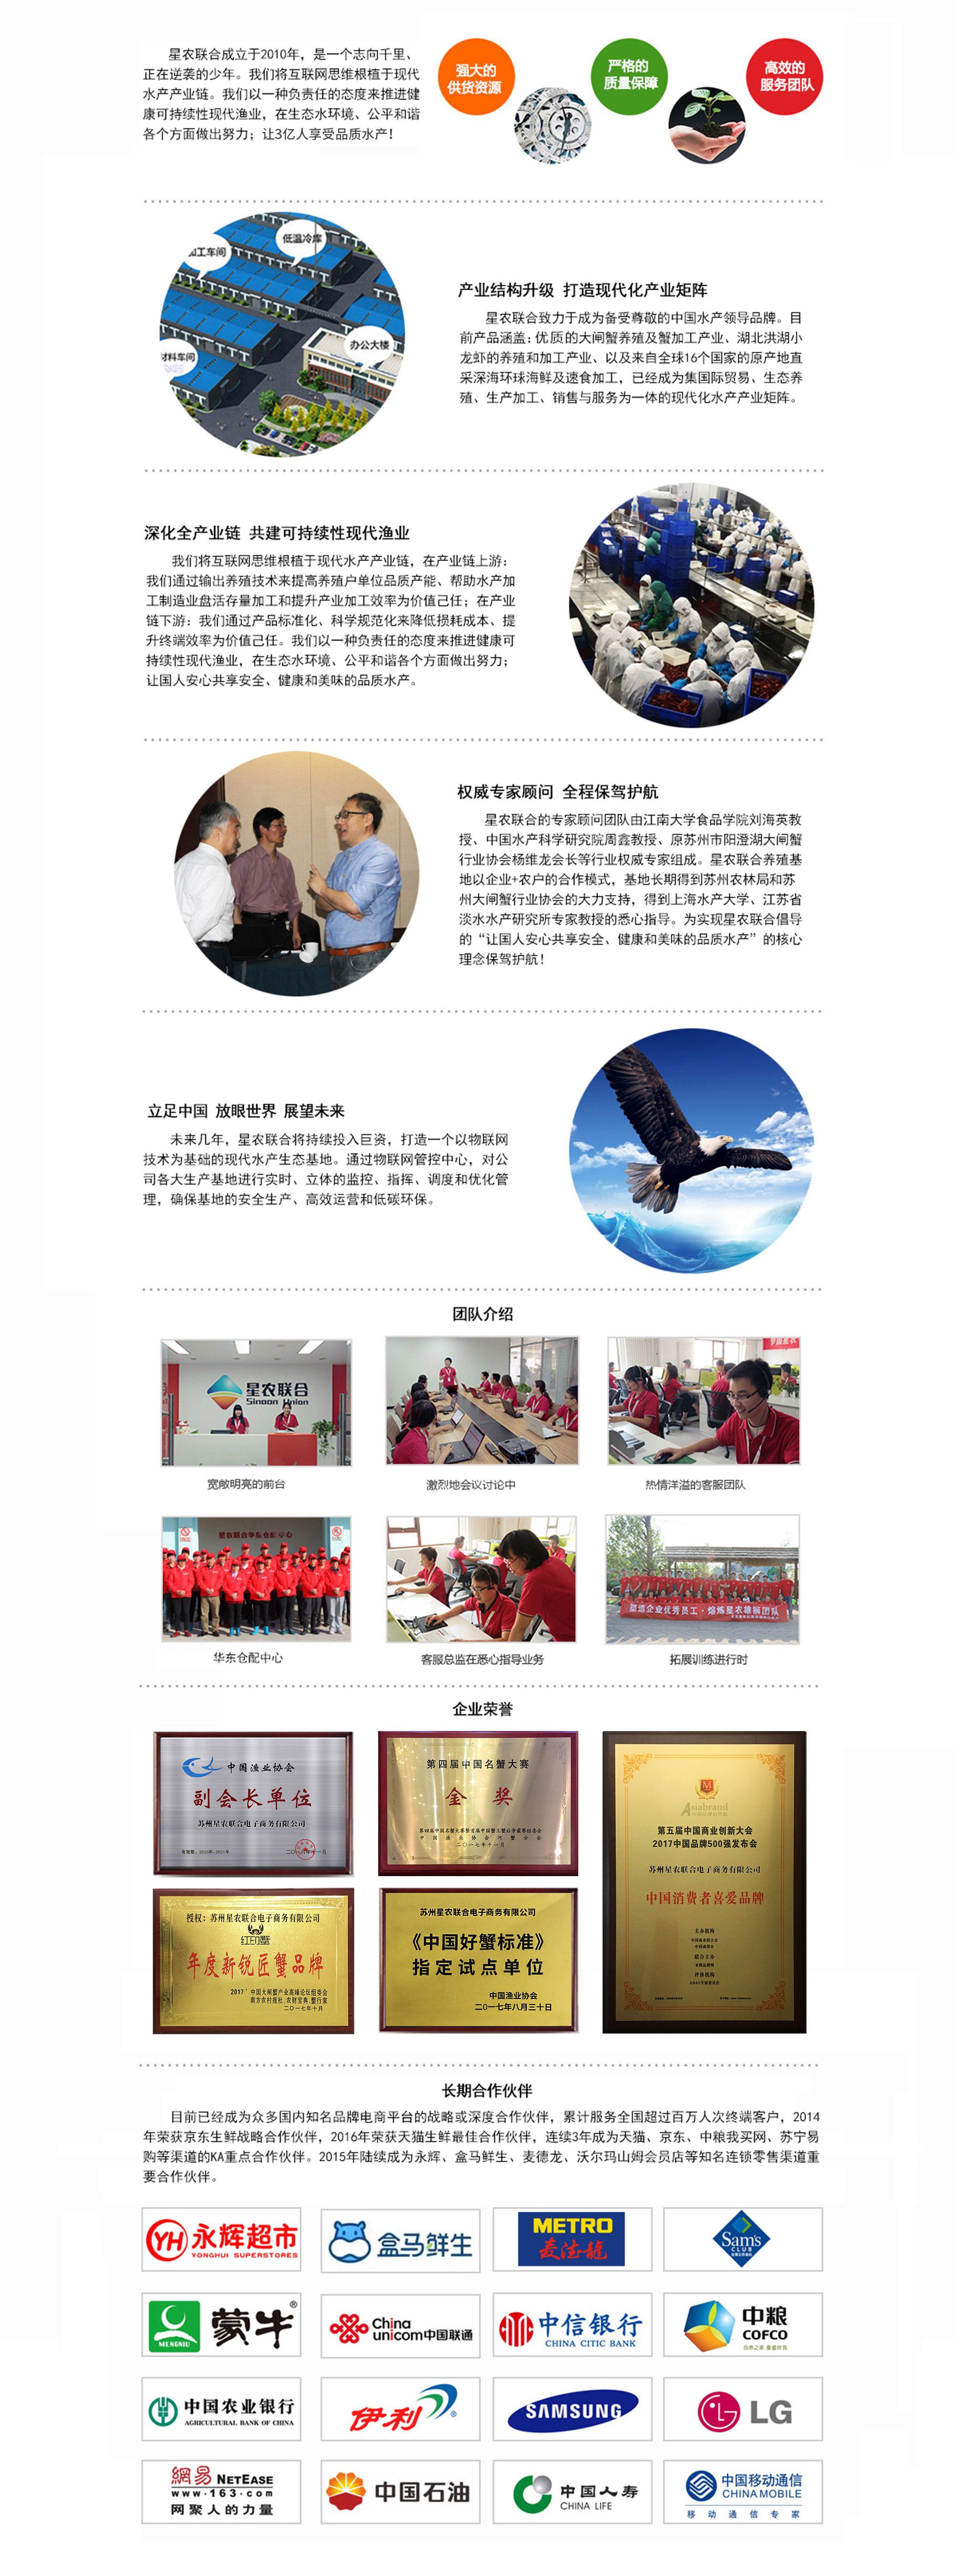 太阳集团太阳娱乐登录企业概况2020.jpg